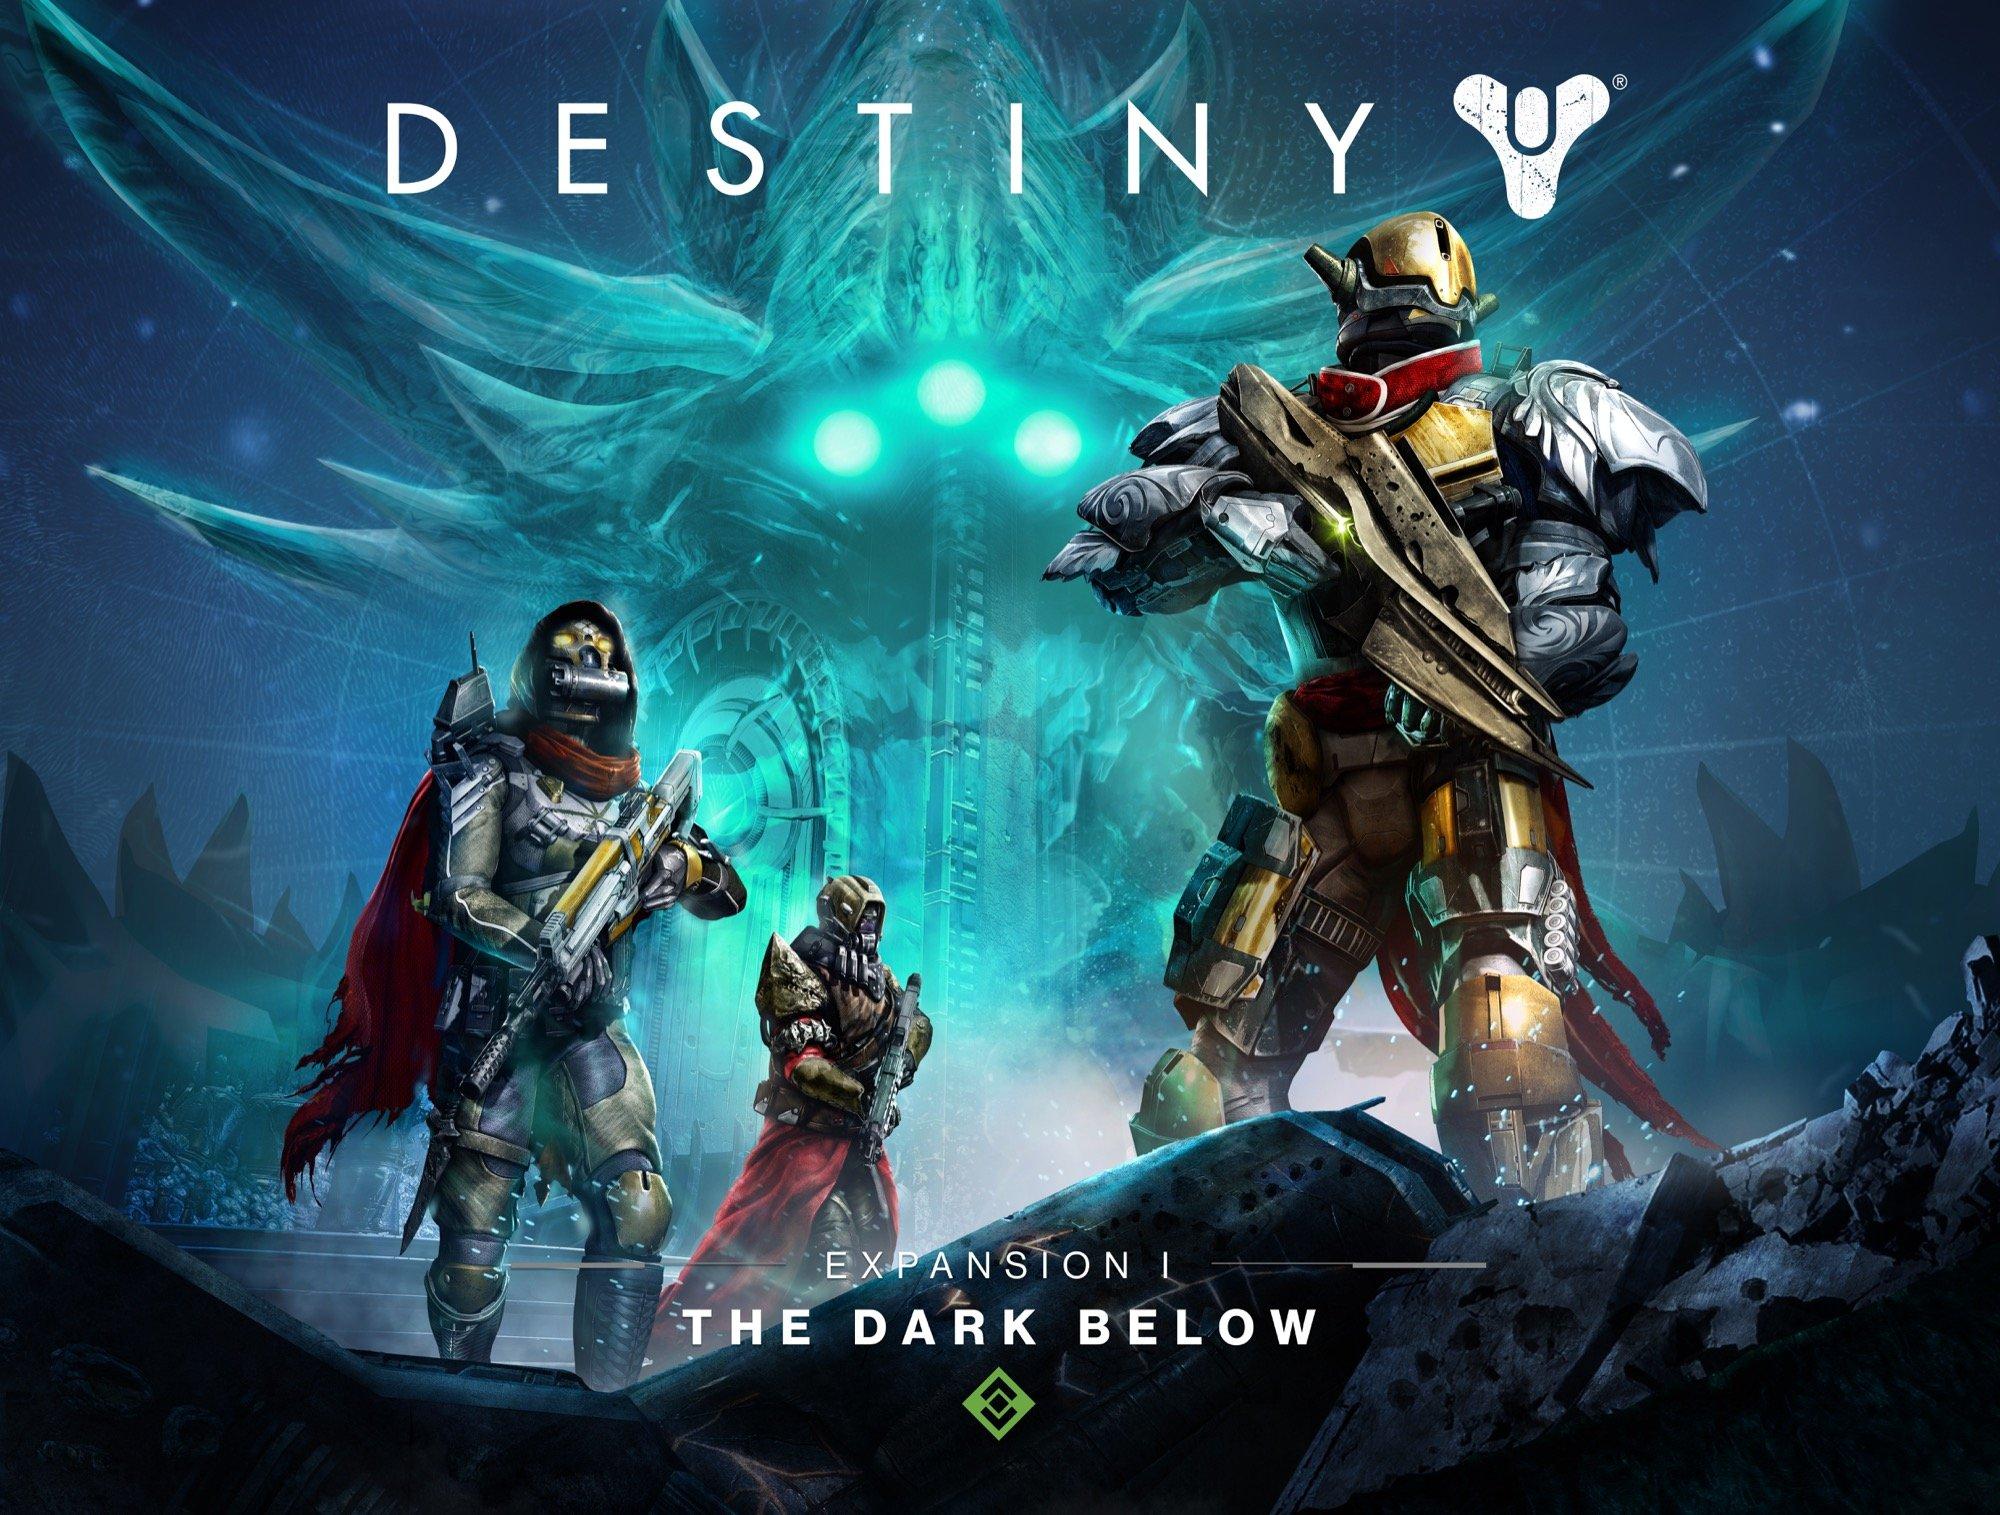 Оценки первого дополнения для Destiny - The Dark Below - Изображение 1